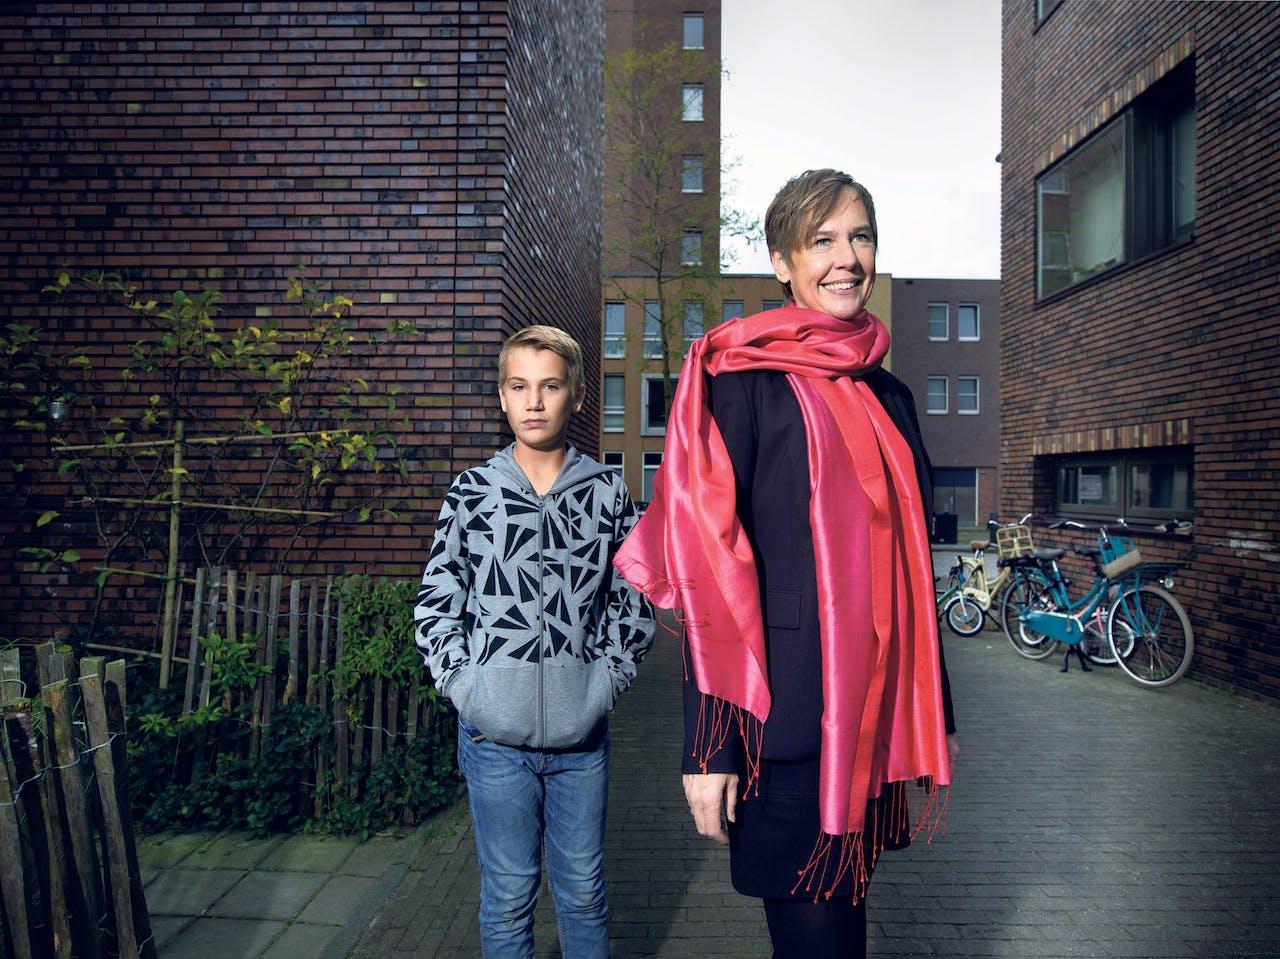 Eline Stomphorst Tijl met haar zoon.(Foto: Kato Tan)